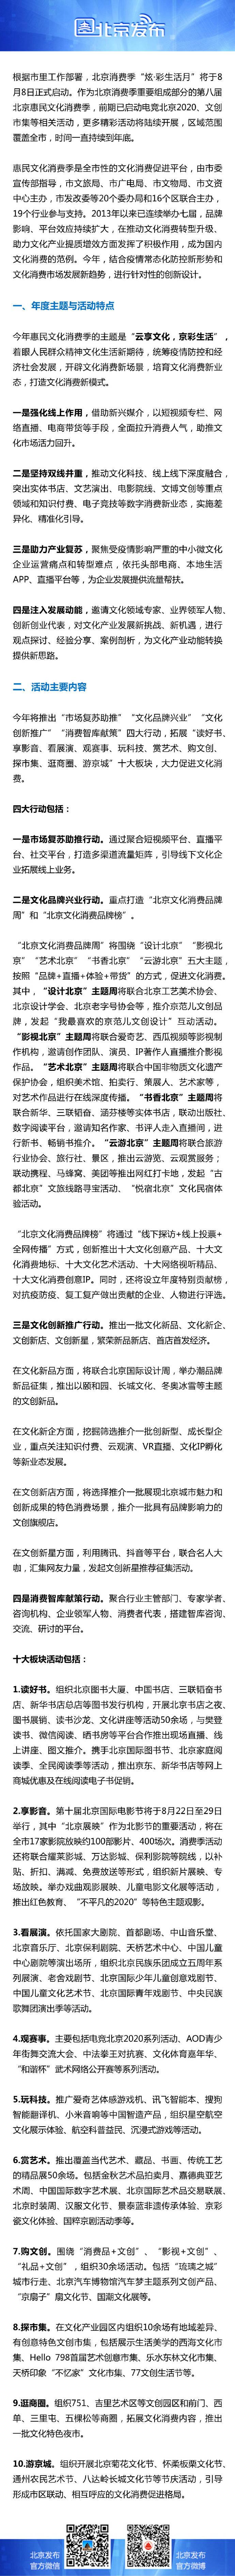 戏剧节|电影节、戏剧节将陆续登场,北京惠民文化消费季持续至年底